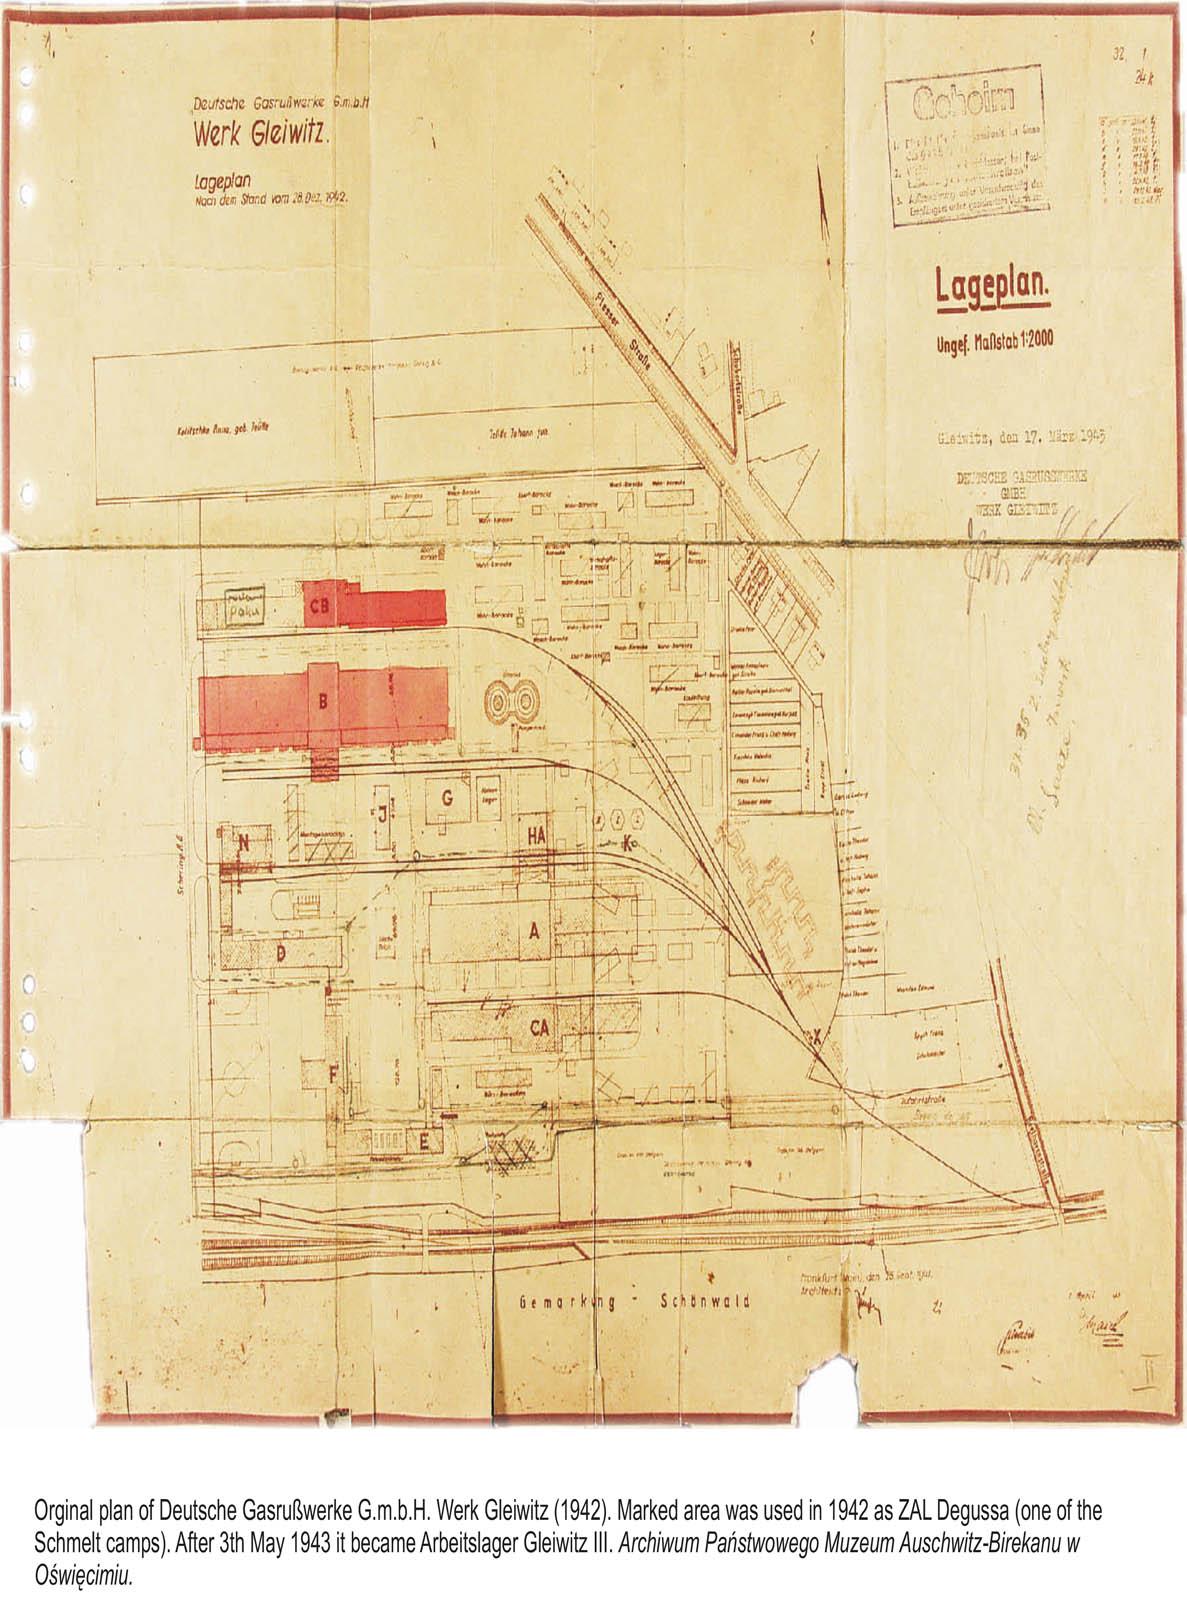 Techincal drawing of Deutsche Garusswerke